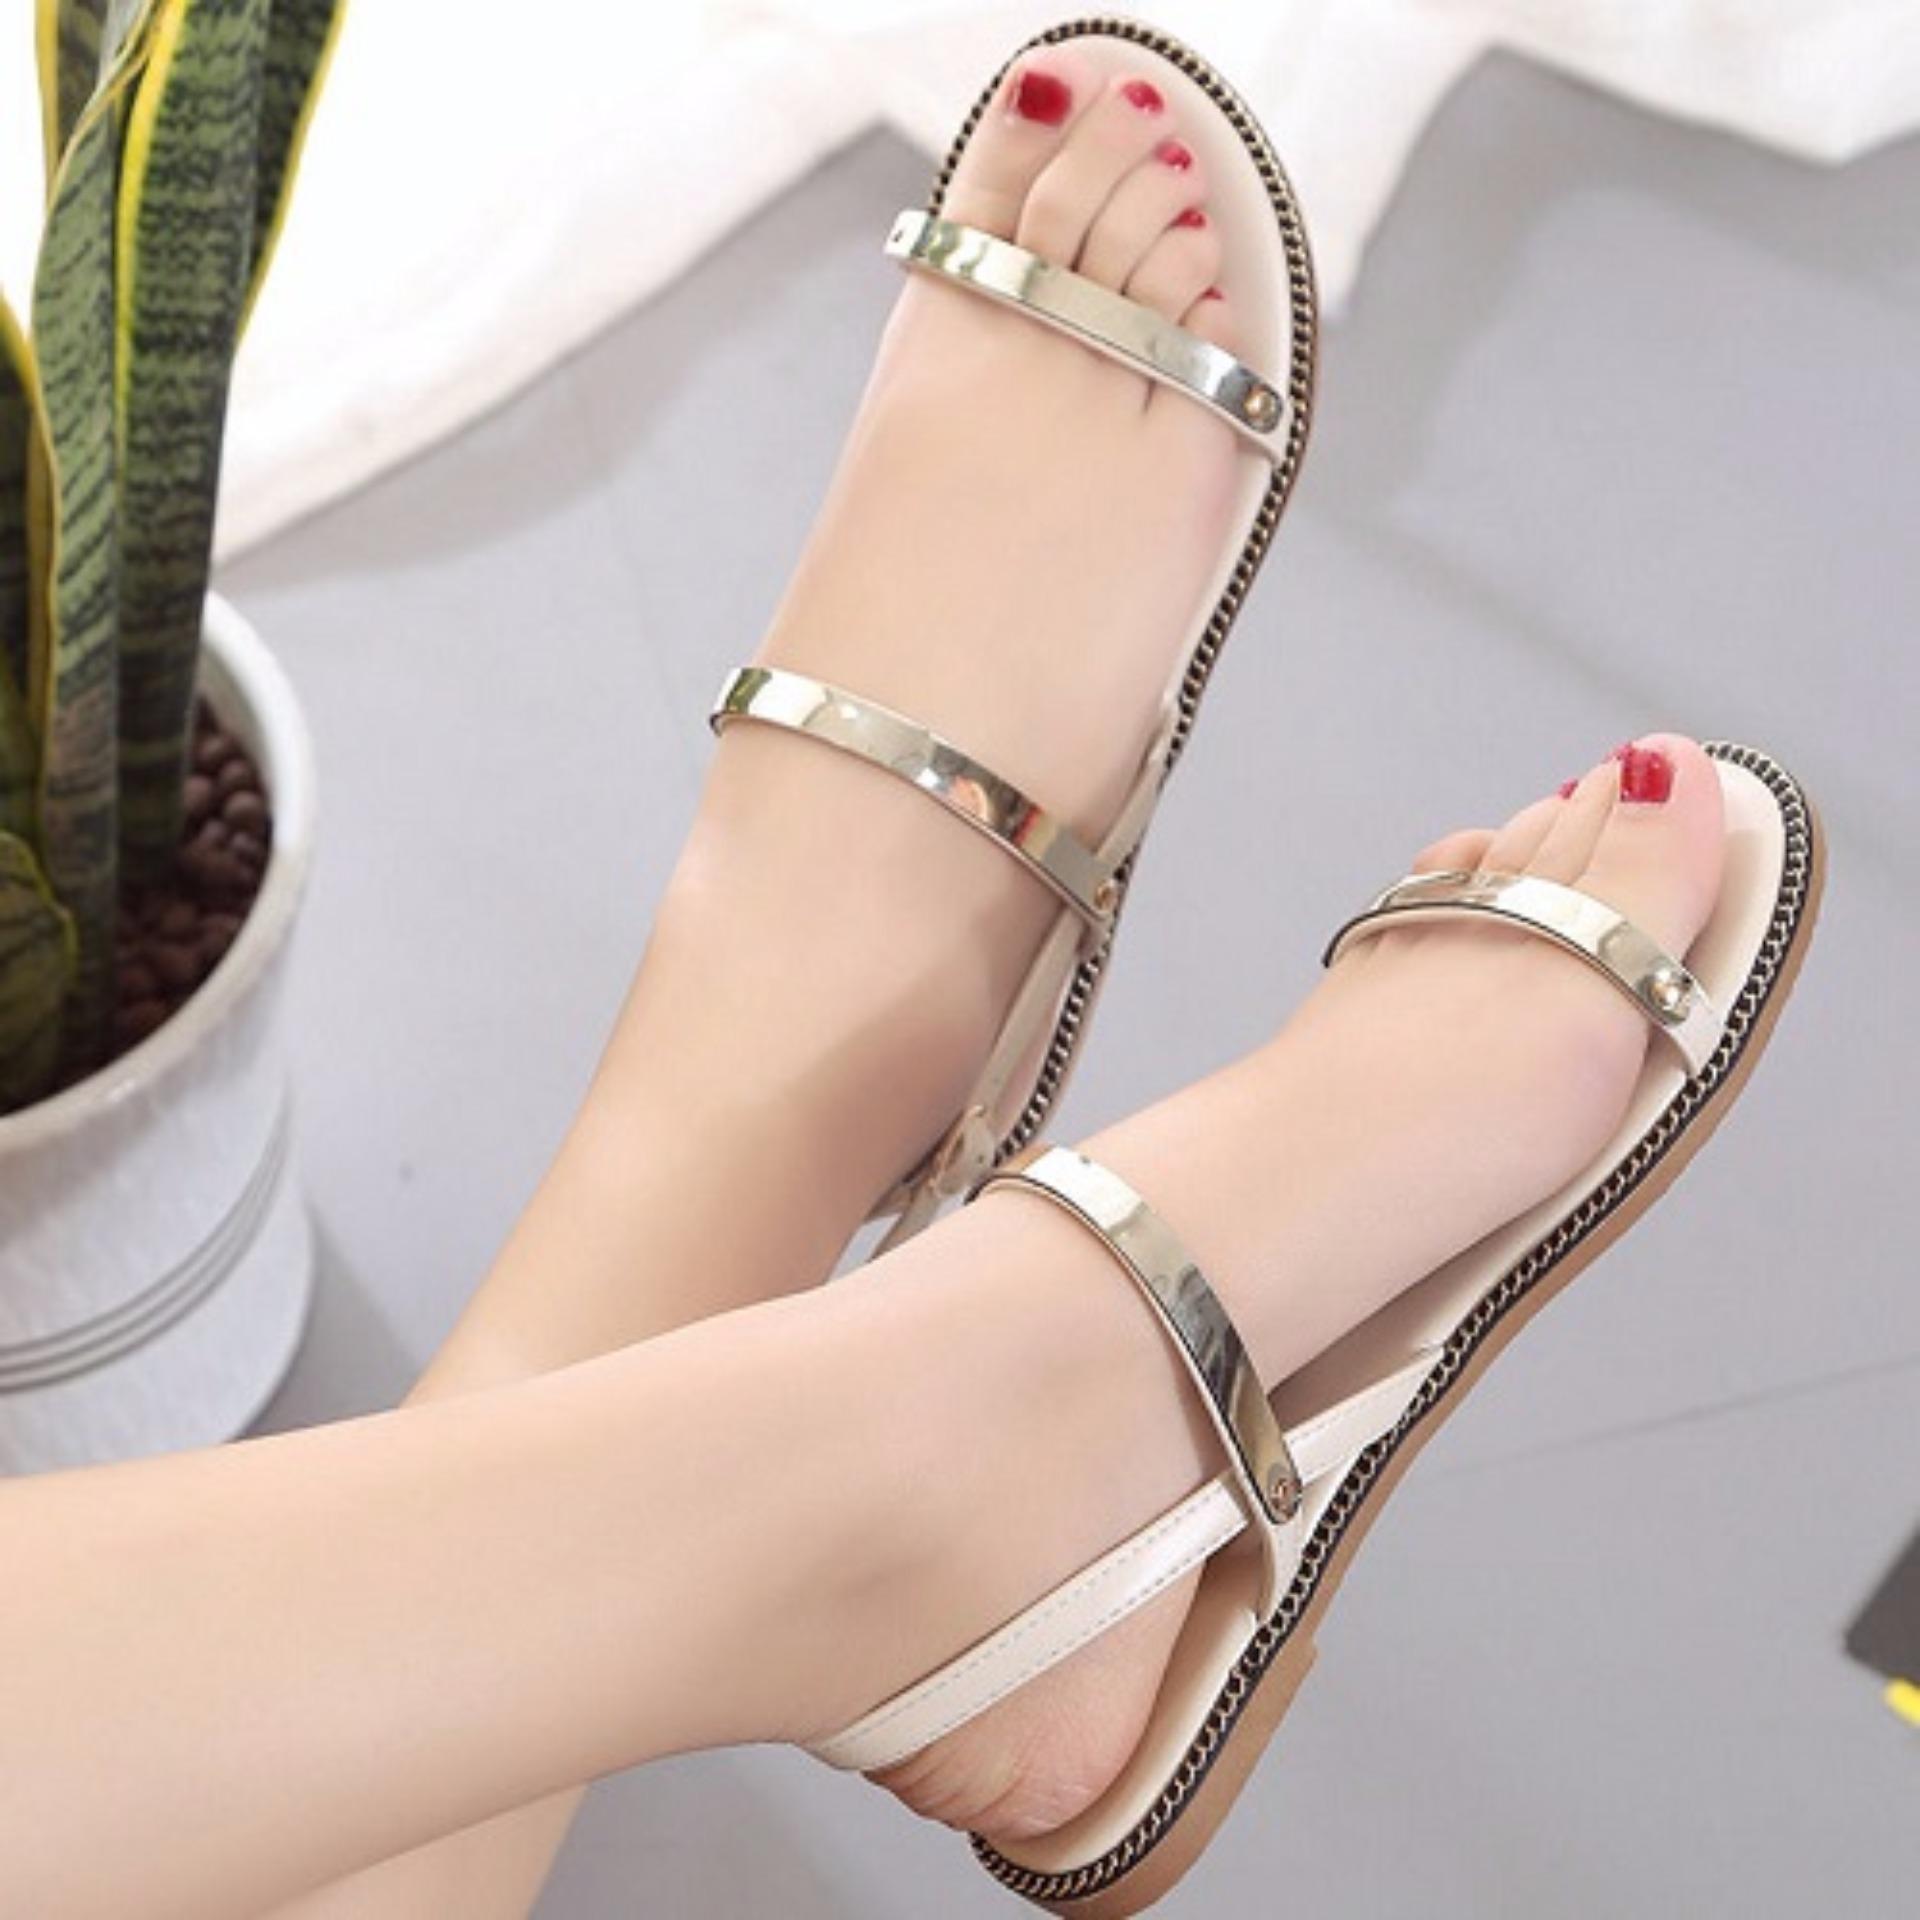 Sandal 2 quai ngang tán bạc 091 màu trắng